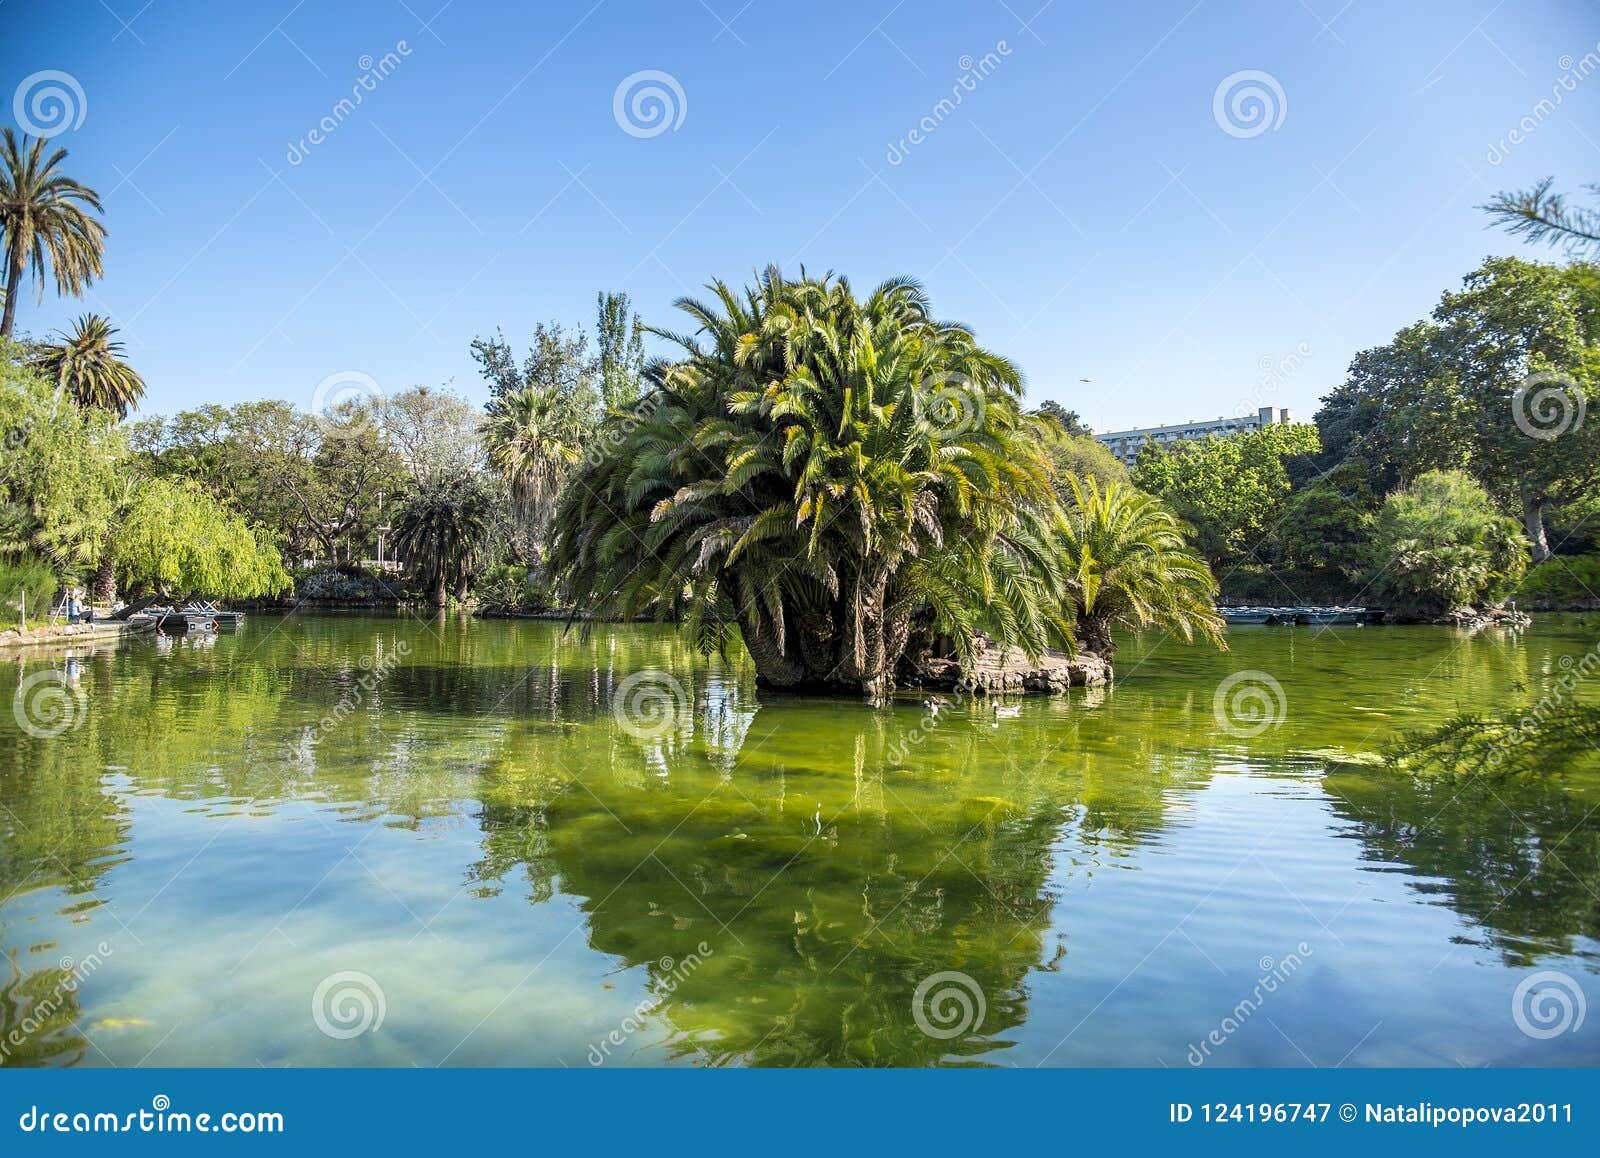 Τροπικοί κήπος, λίμνη και φοίνικας στη Βαρκελώνη, Ισπανία